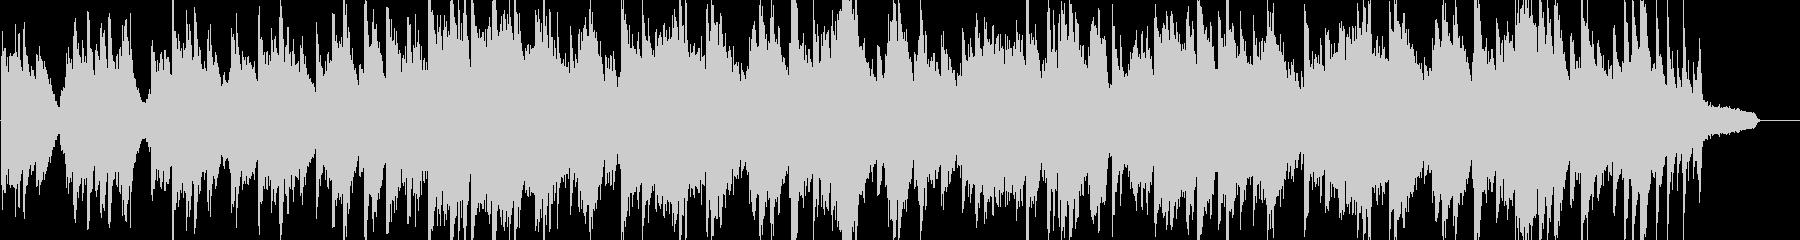 爽やか・ピアノソロ・イベント・映像の未再生の波形